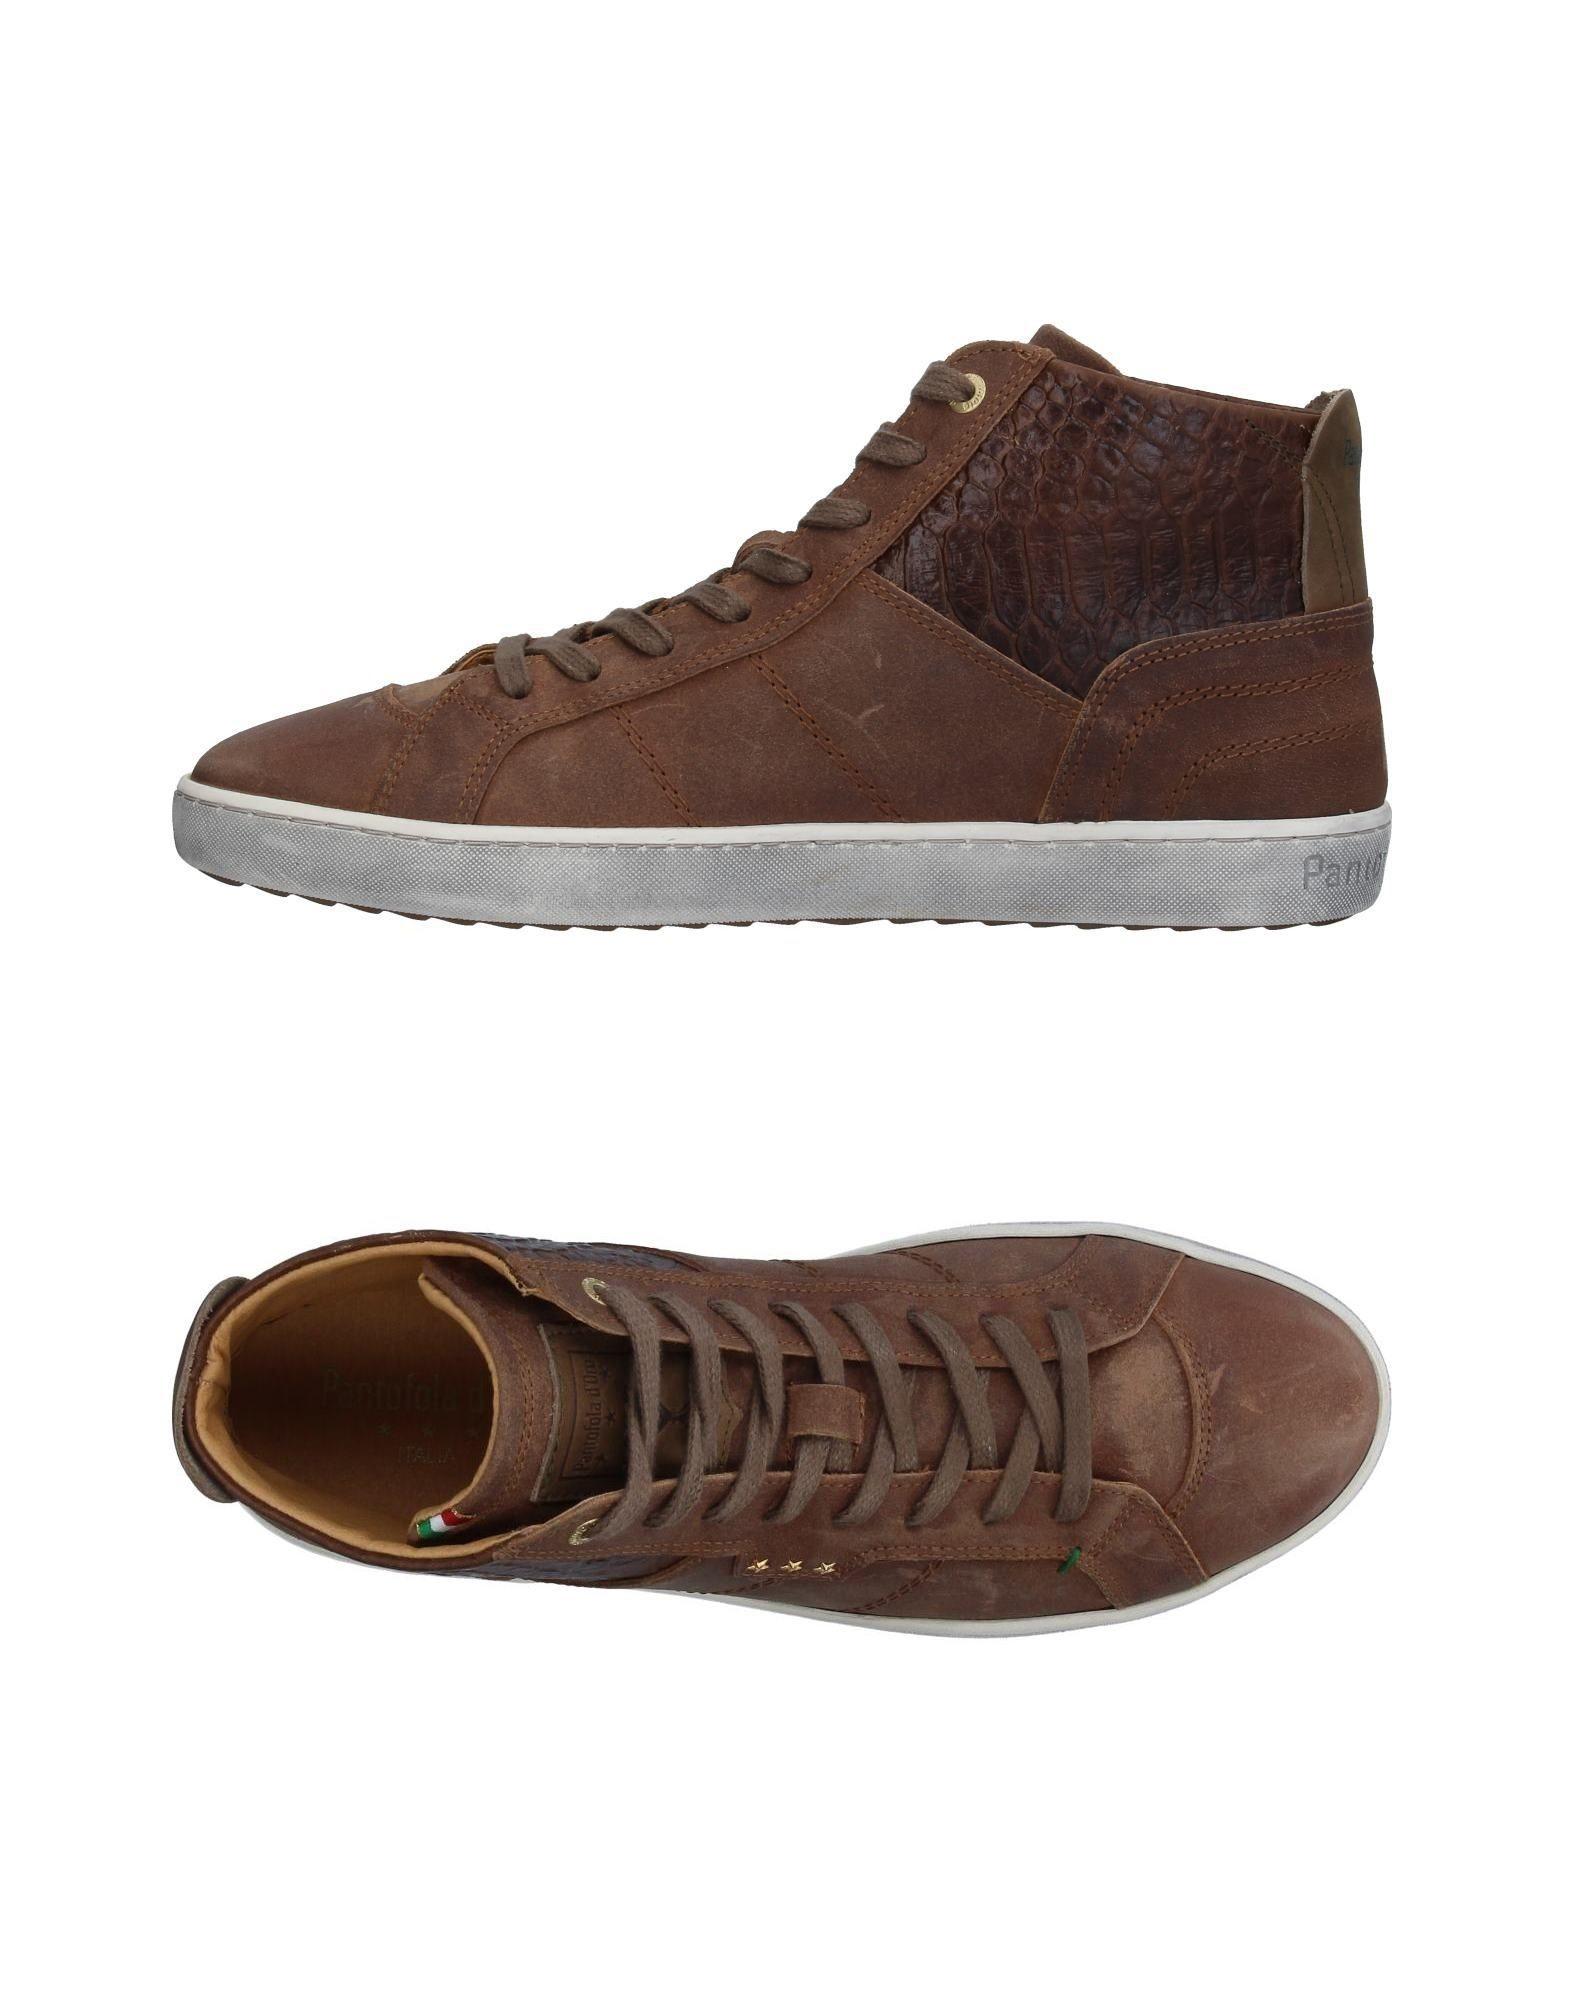 Sneakers Pantofola D'oro Uomo Uomo D'oro - 11338455AN df2c8b